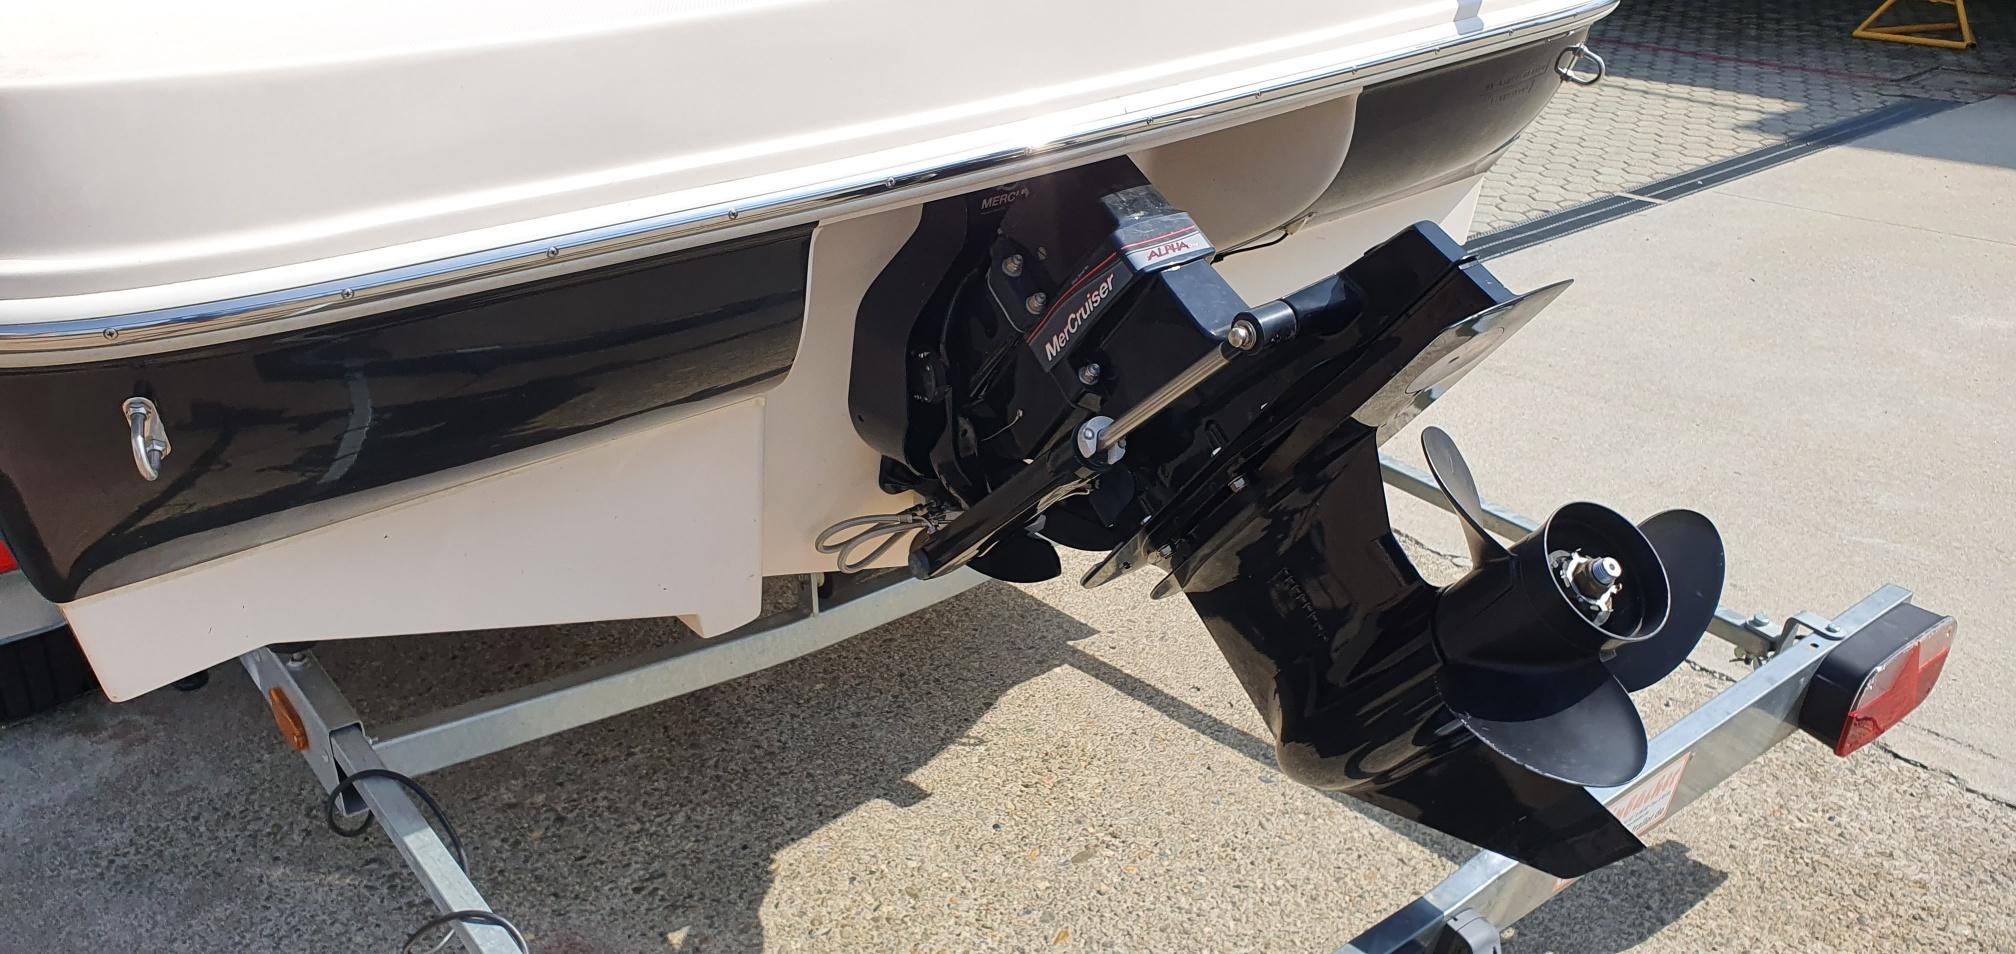 Motoscafo Sea Ray 175 Sport - mercruiser 3.0 - usato lago di Como